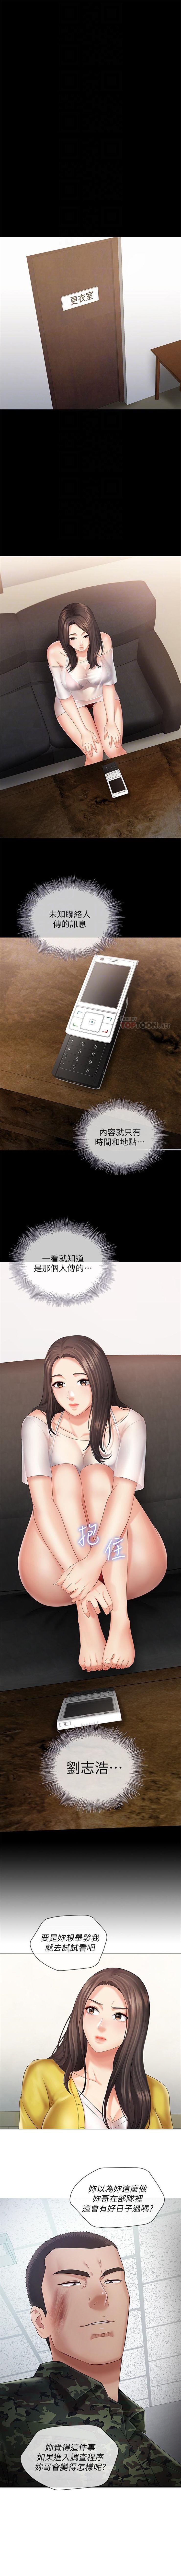 妹妹的義務 1-38 官方中文(連載中) 189